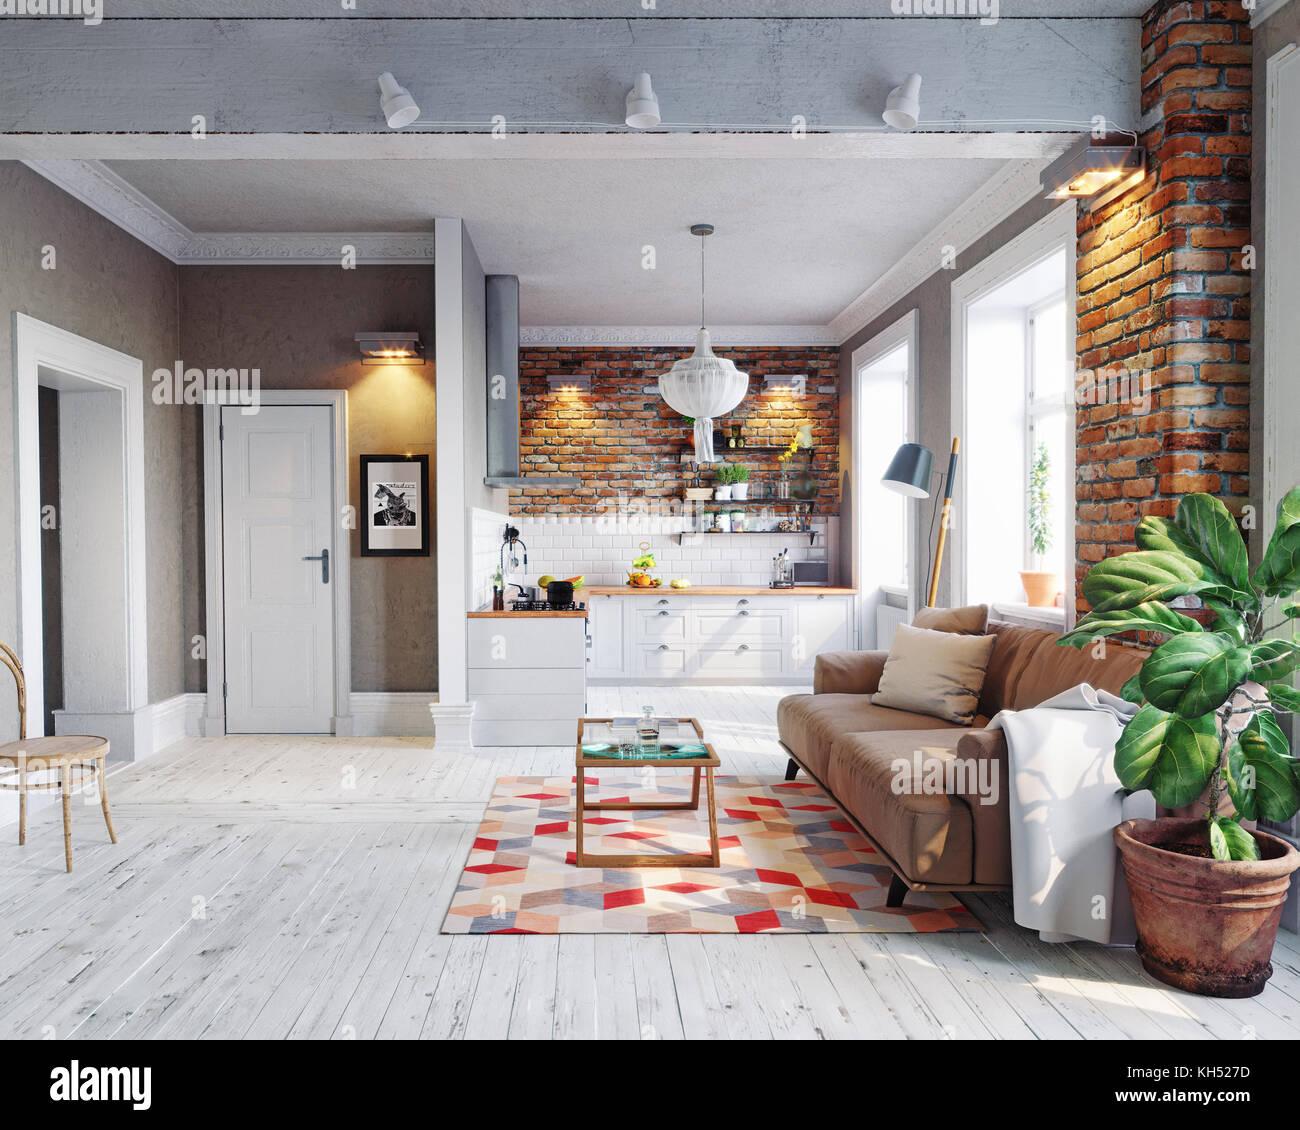 Wohnung Interieur Stockfotos & Wohnung Interieur Bilder - Alamy